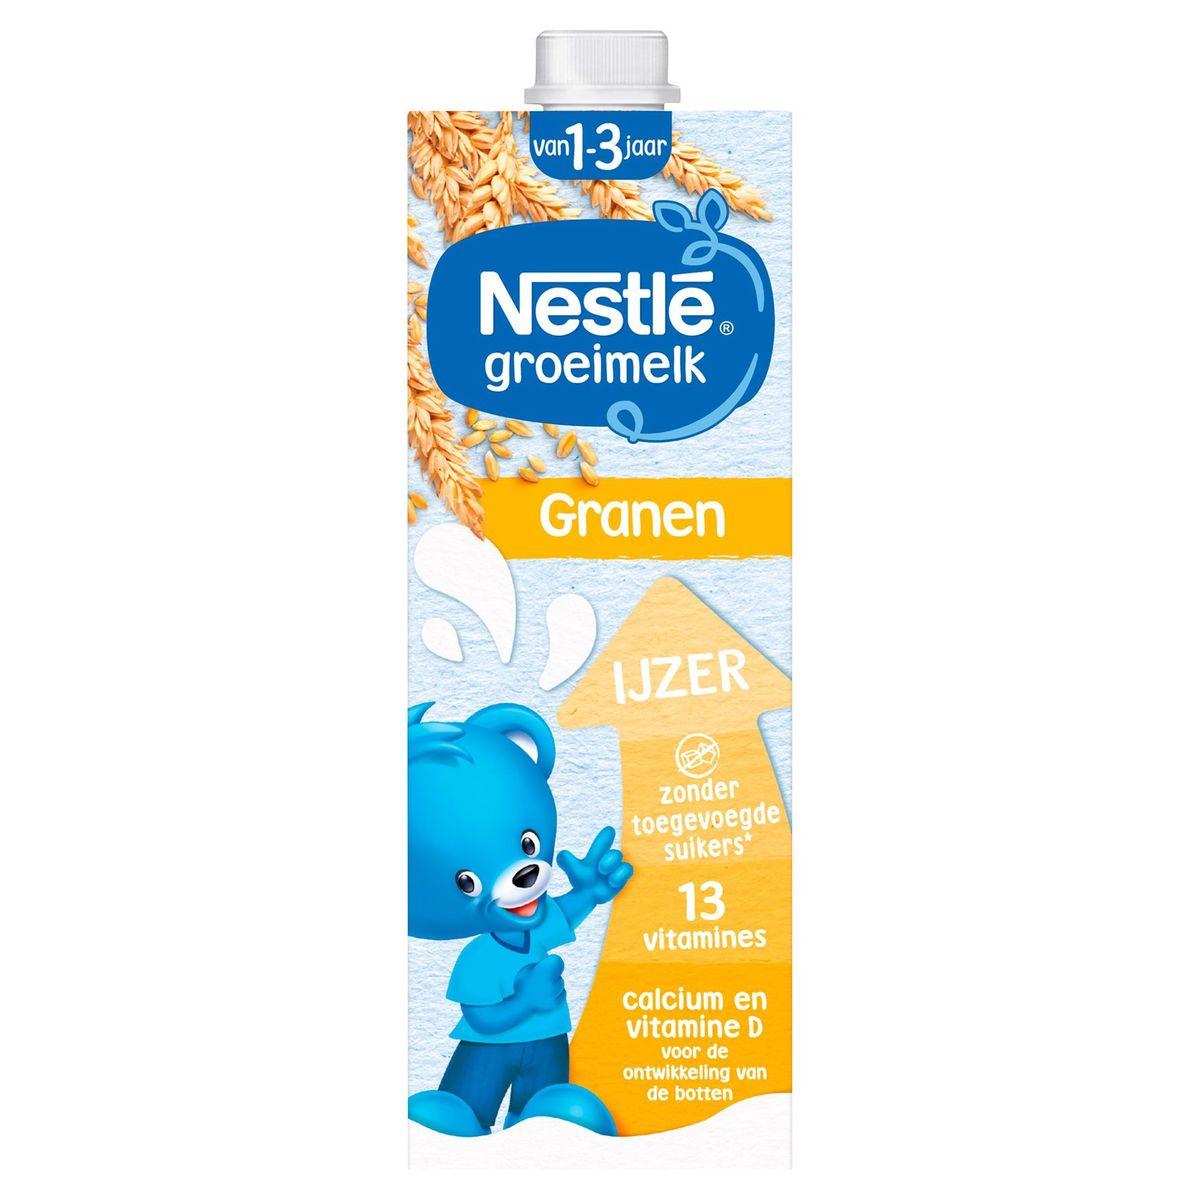 Nestlé Groeimelk Granen vanaf 1 Jaar 1 L